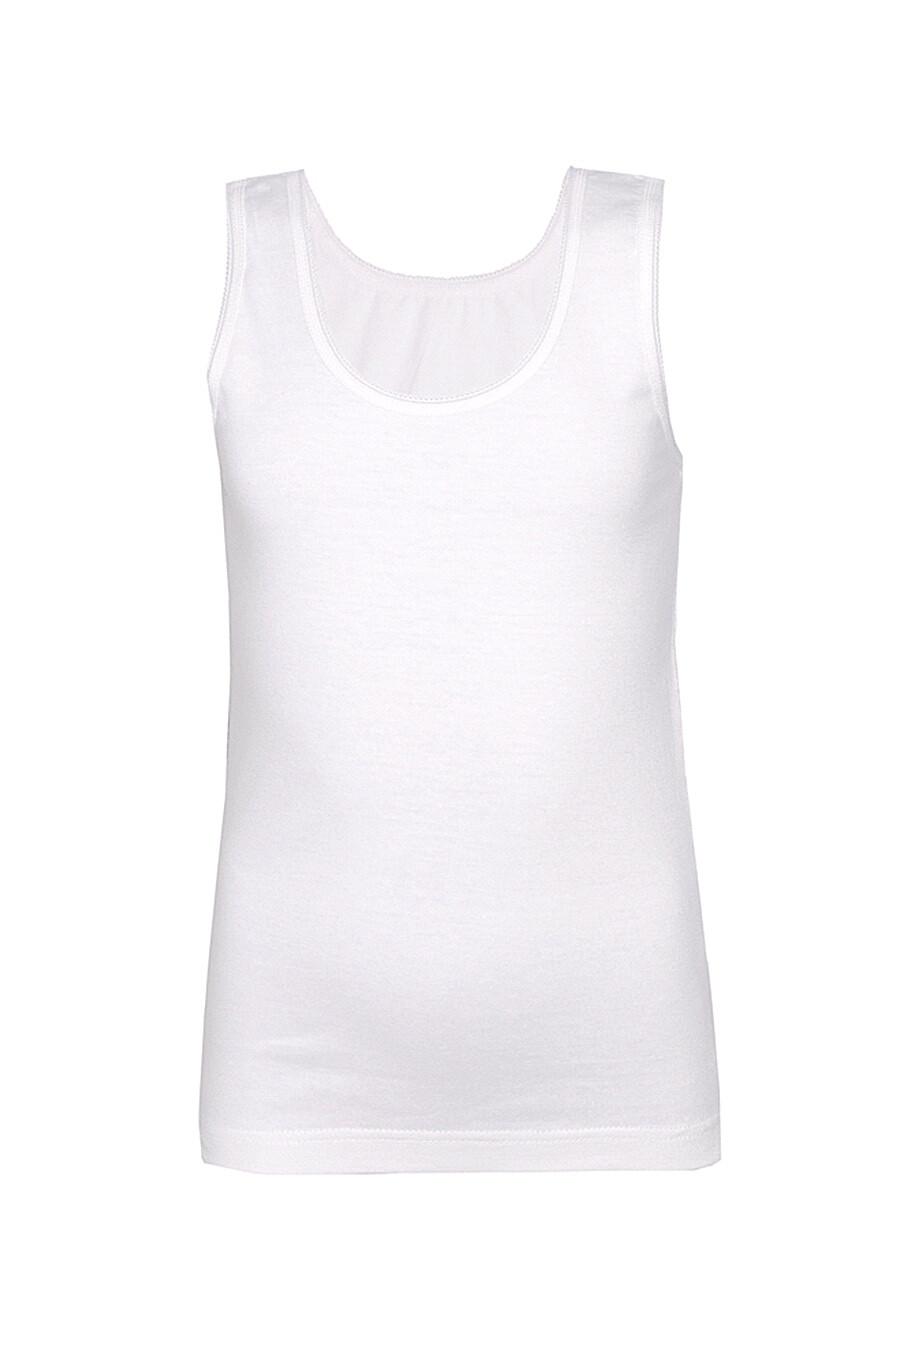 Майка для девочек Archi 130536 купить оптом от производителя. Совместная покупка детской одежды в OptMoyo